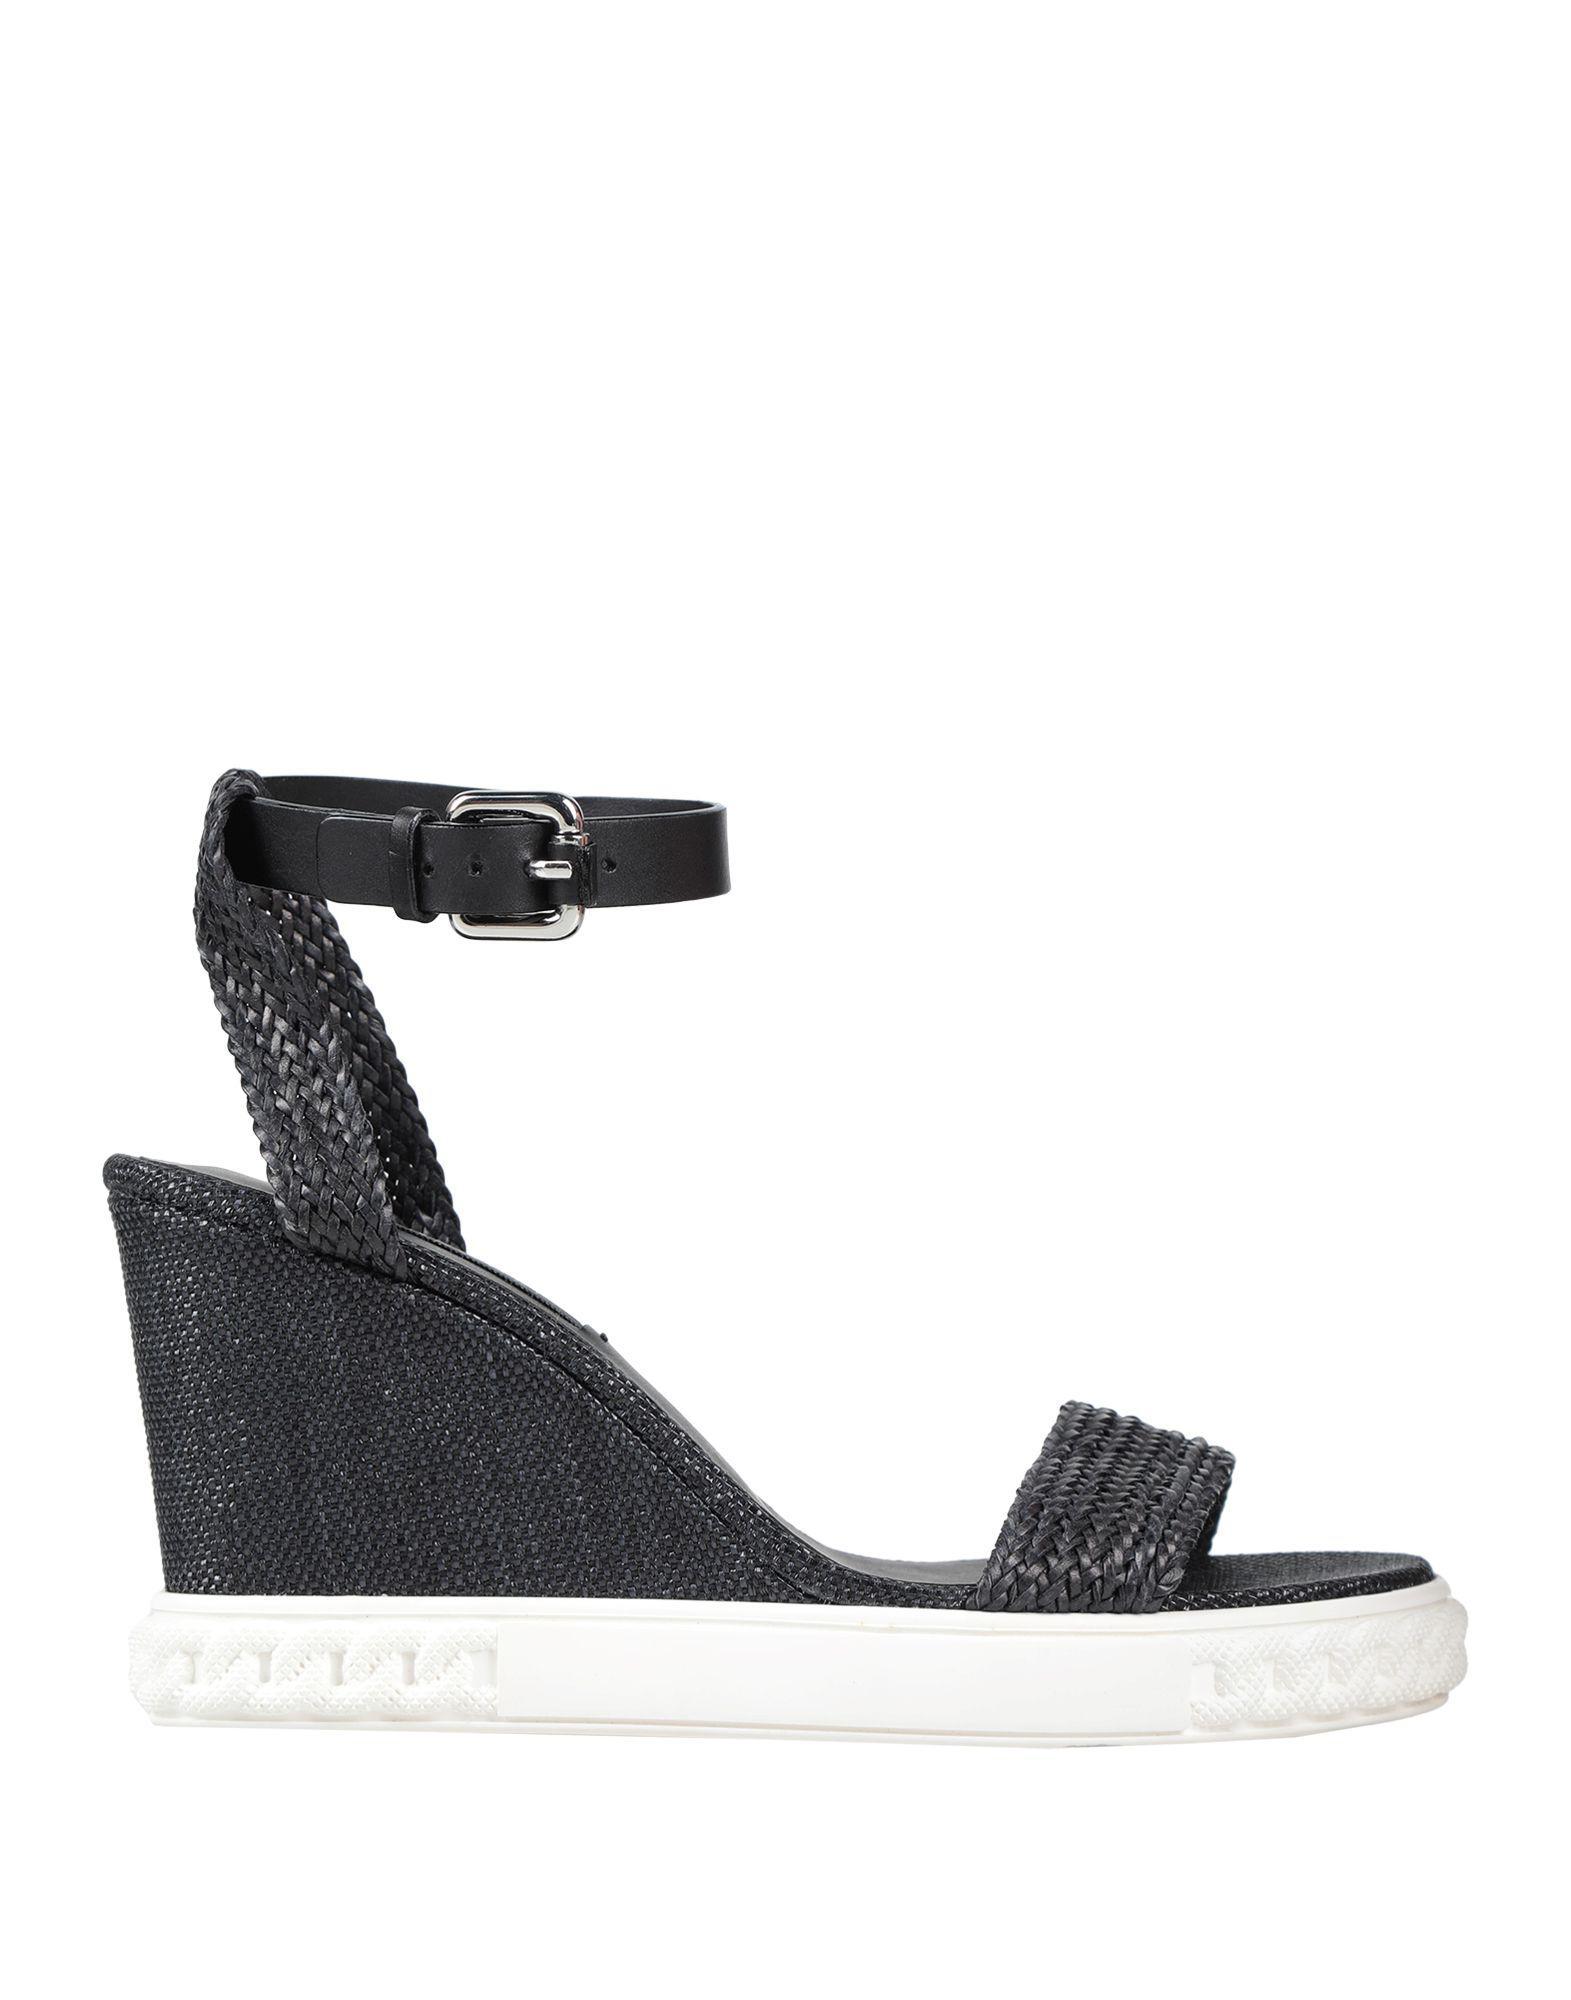 6acabe323cb Lyst - Casadei Sandals in Black